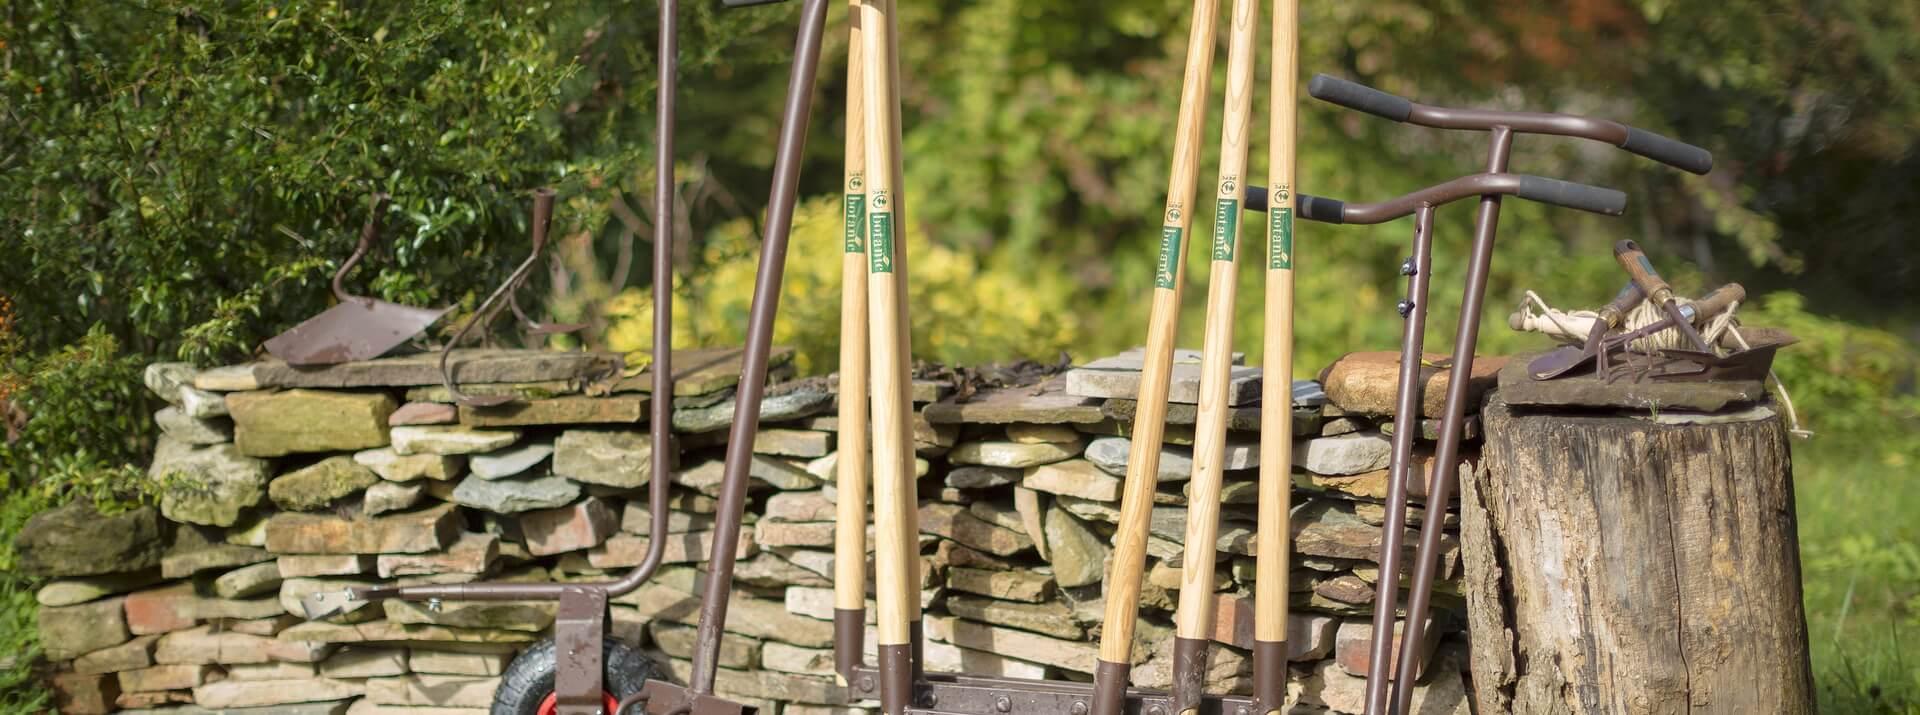 Outils De Jardinage À Main : Équipement Et Outils De Jardin ... encequiconcerne Le Bon Coin Outillage De Jardin